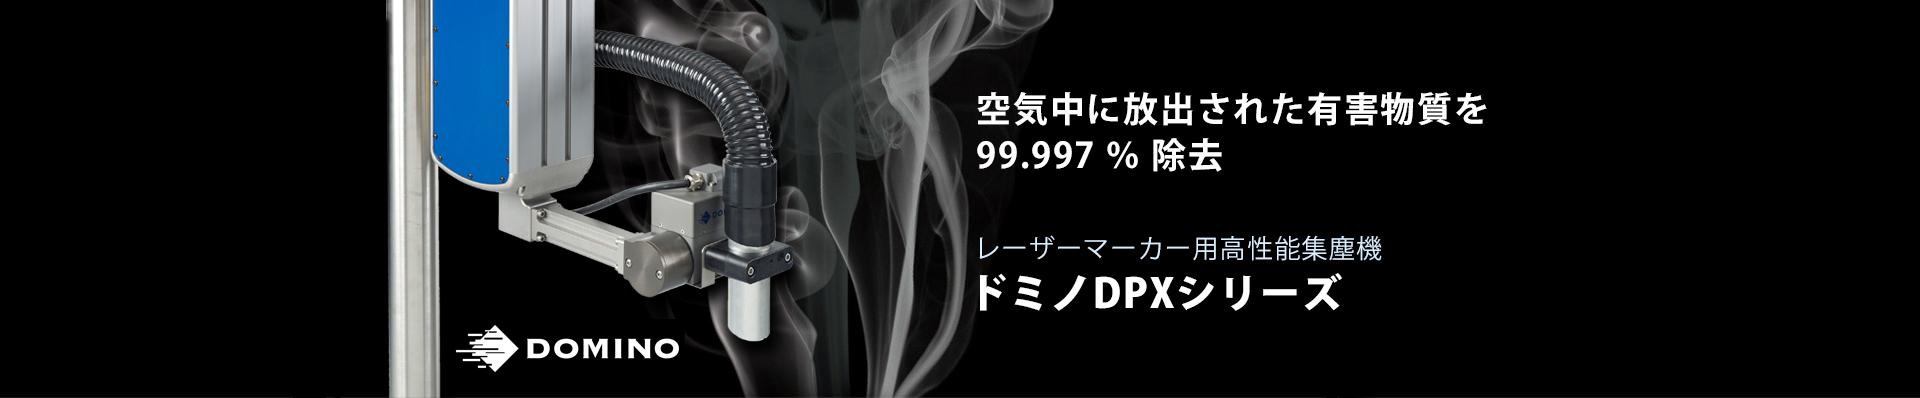 レーザーマーカー用高性能集塵機 ドミノDPXシリーズ